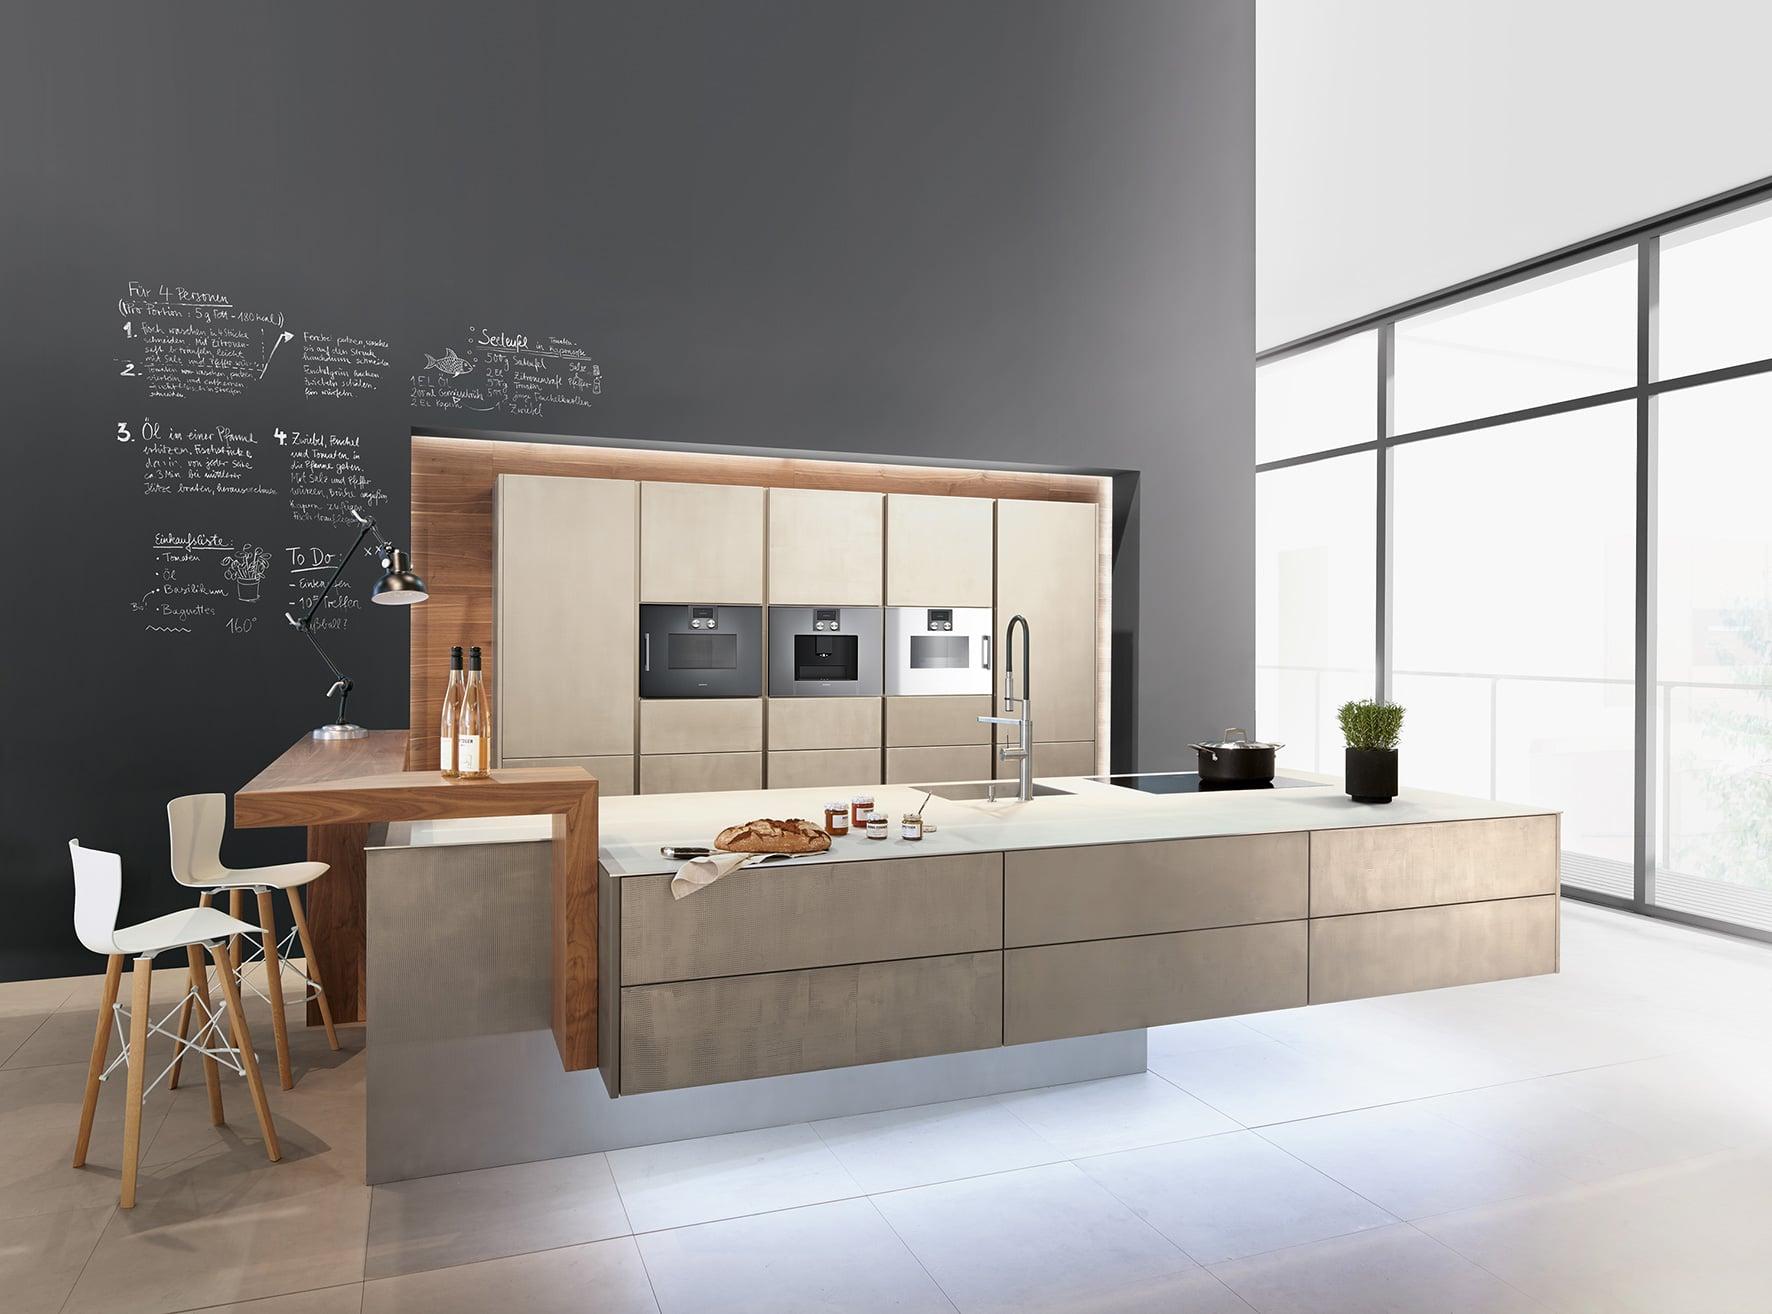 <p><strong>zeyko-Küchen: Im Netz informieren, vor Ort kaufen </strong></p>